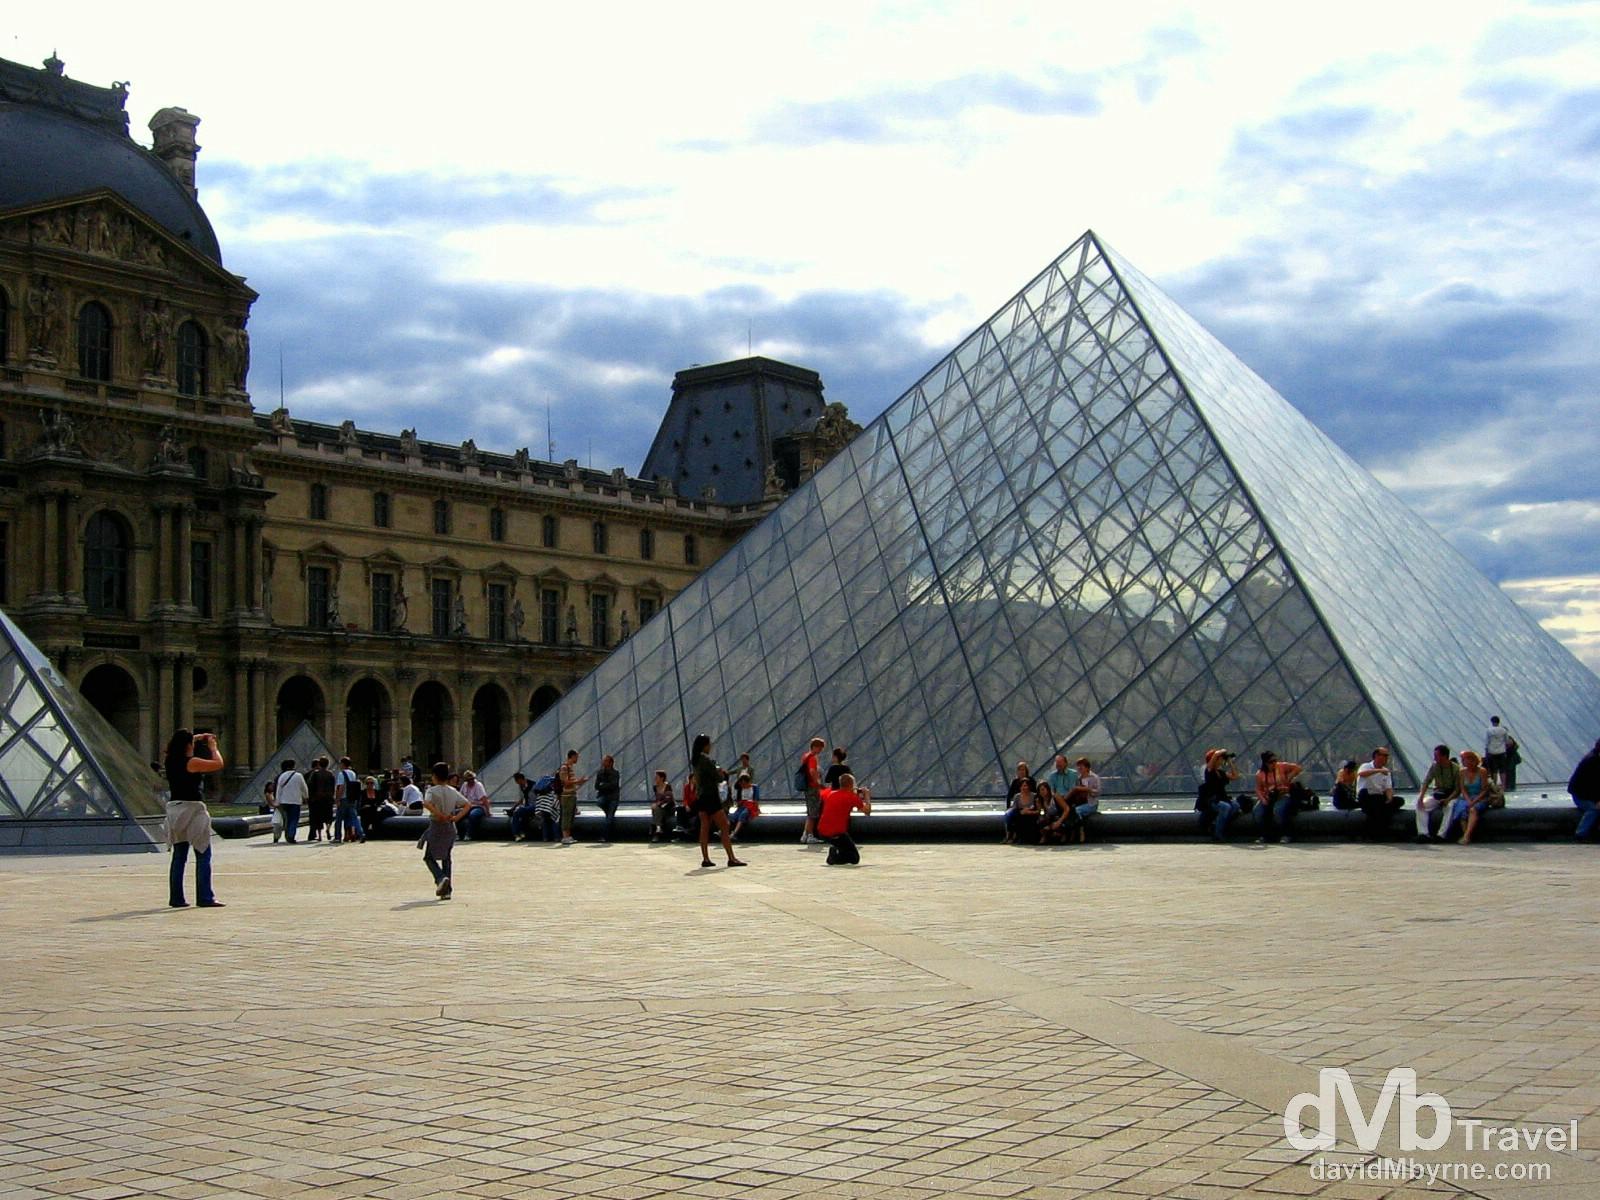 Palais du Louvre (Louvre Palace), Paris, France